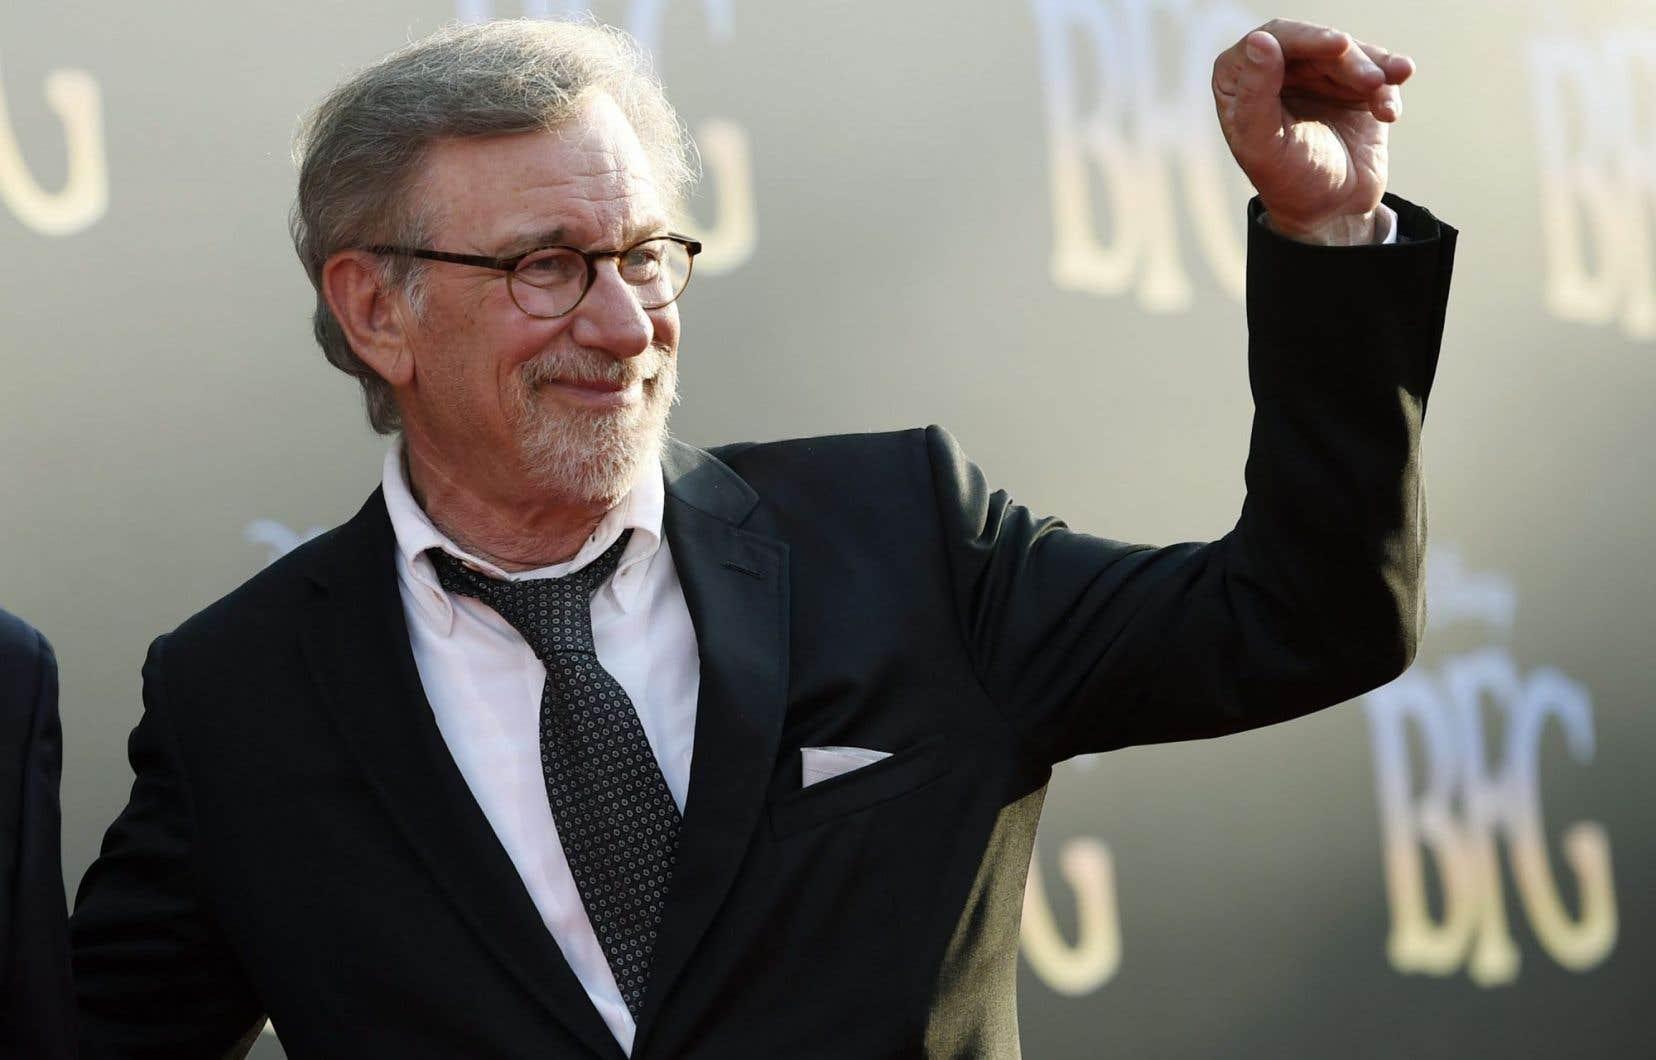 « Nous allons pouvoir apporter davantage de Chine aux États-Unis, et davantage d'États-Unis en Chine », s'est réjoui M. Spielberg.